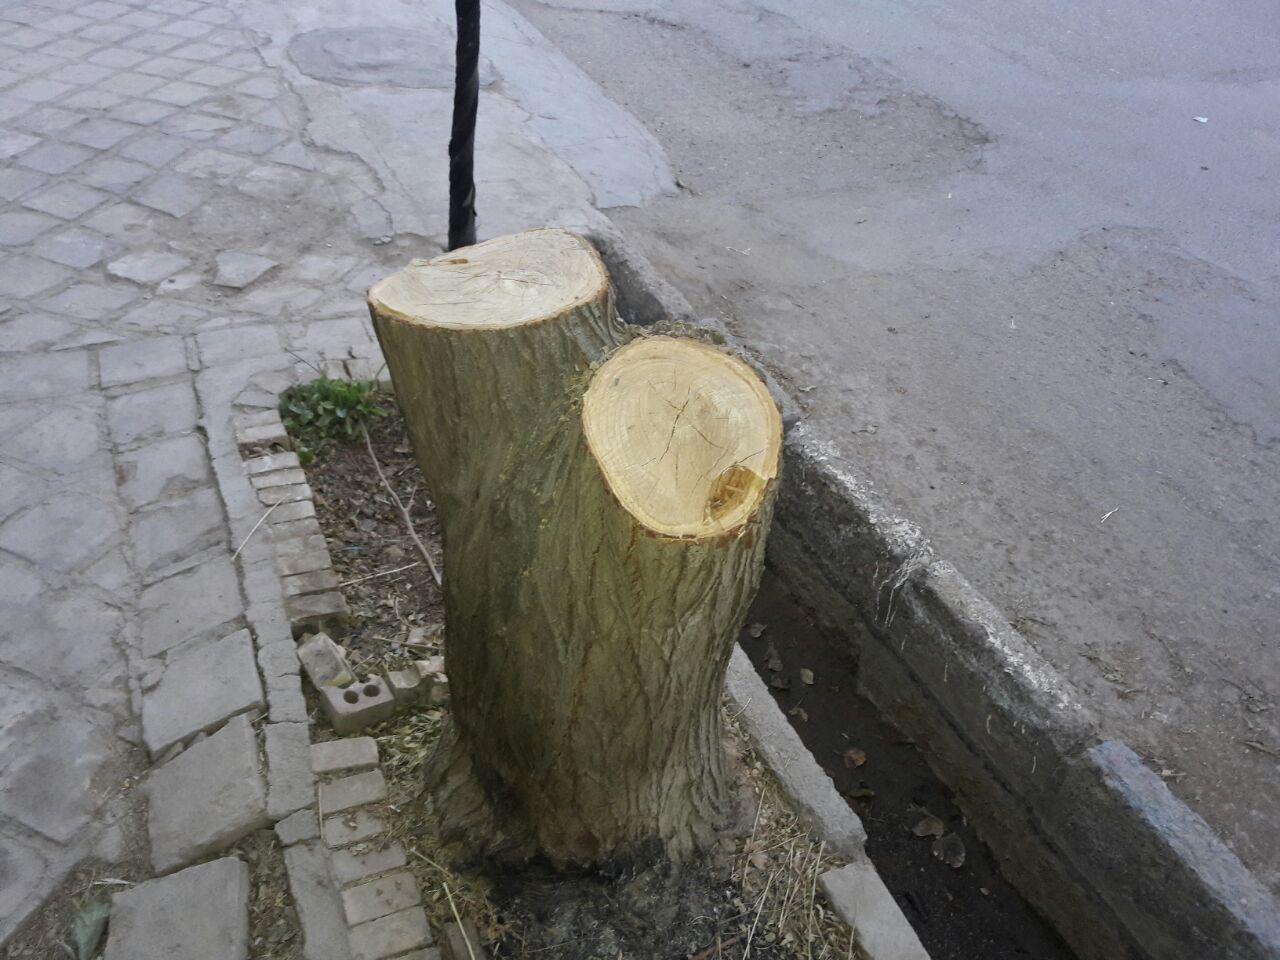 باز هم قطع درخت در بیلند اما اینبار با نظارت کامل دهیاری